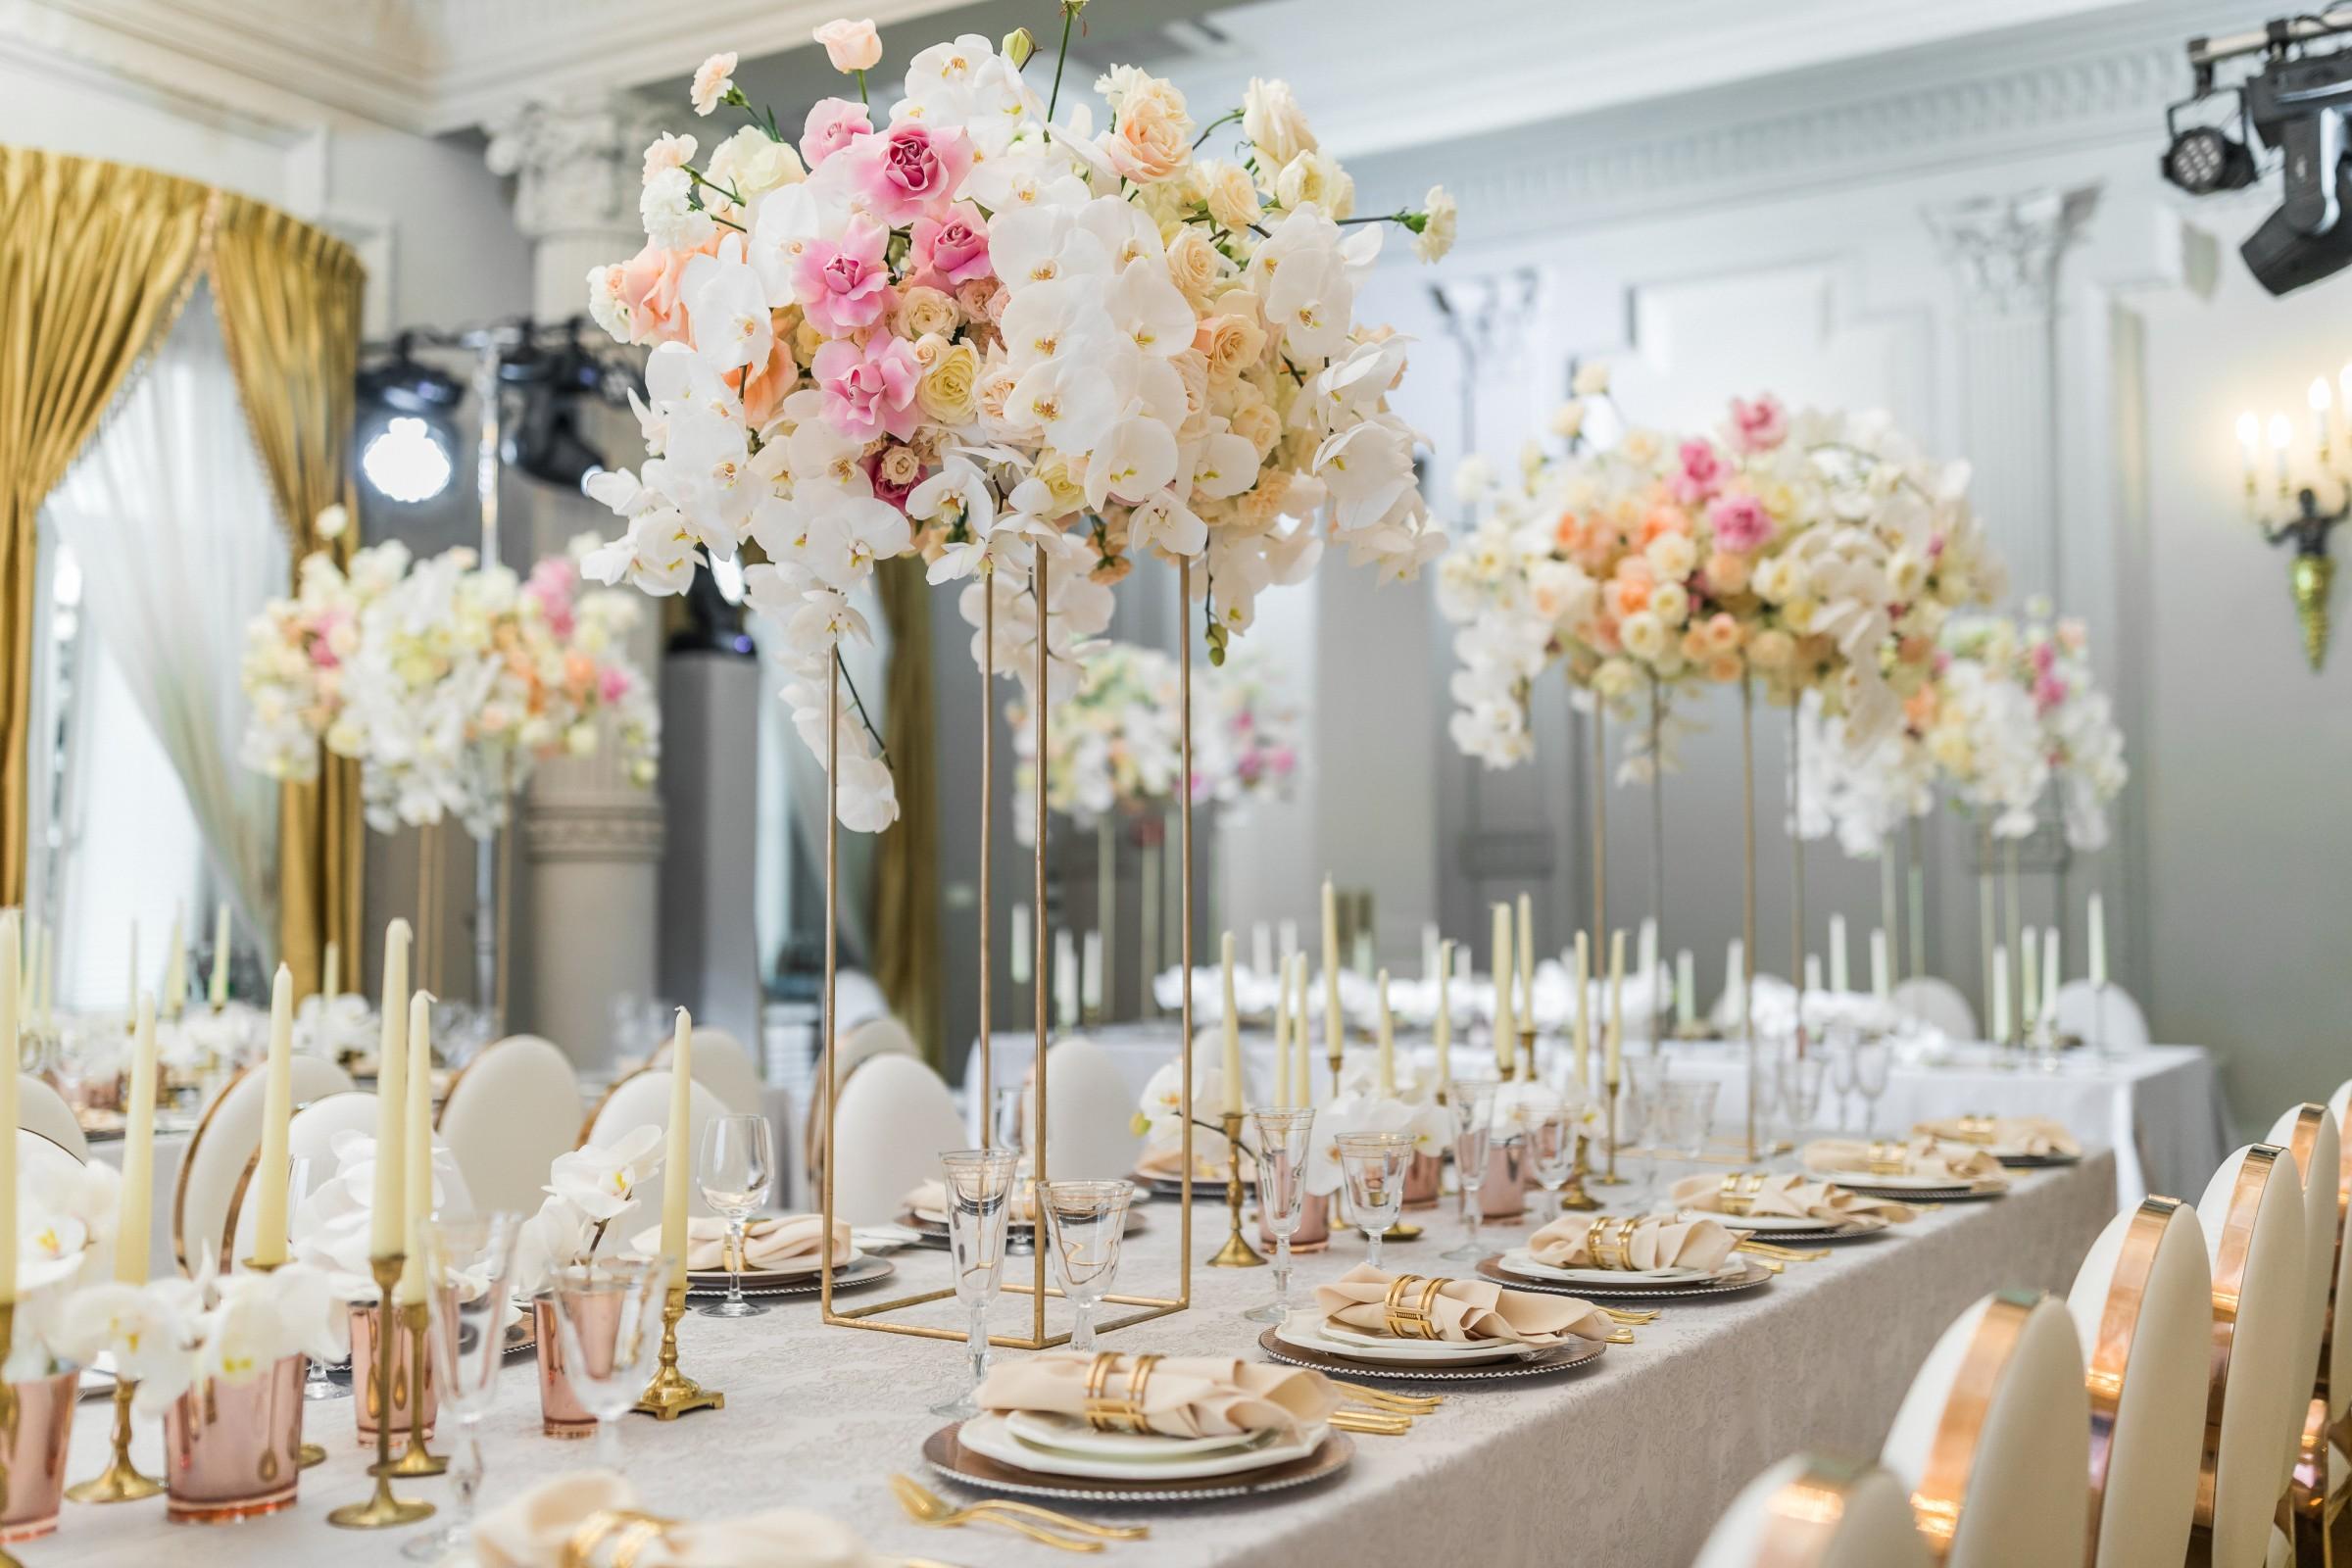 Décoration de table de mariage avec des orchidées